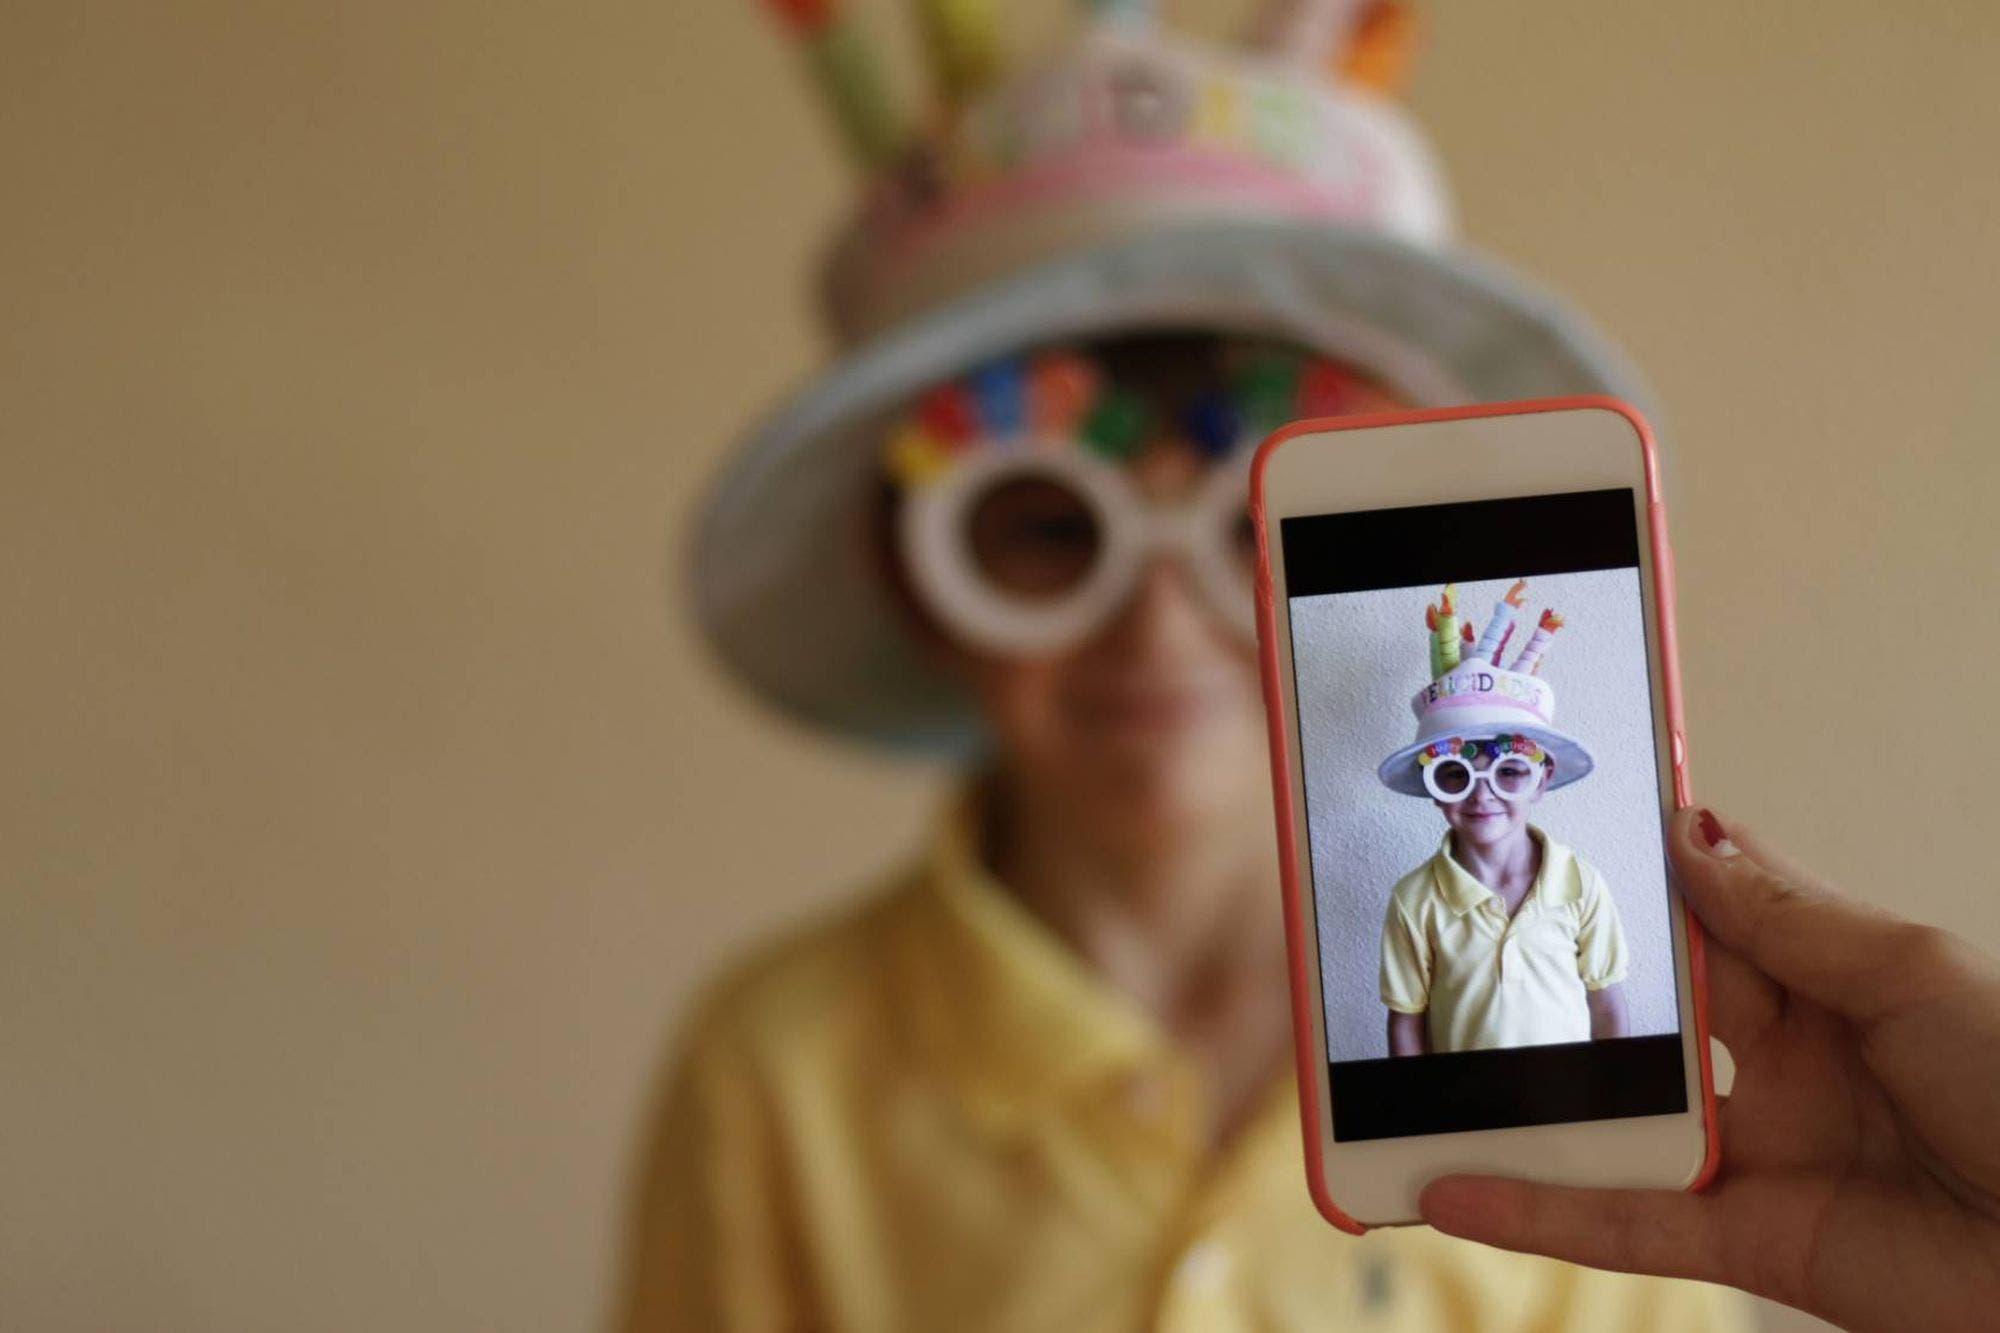 ¿Hay alguna forma de proteger a los chicos sin renunciar a subir sus fotos a las redes?